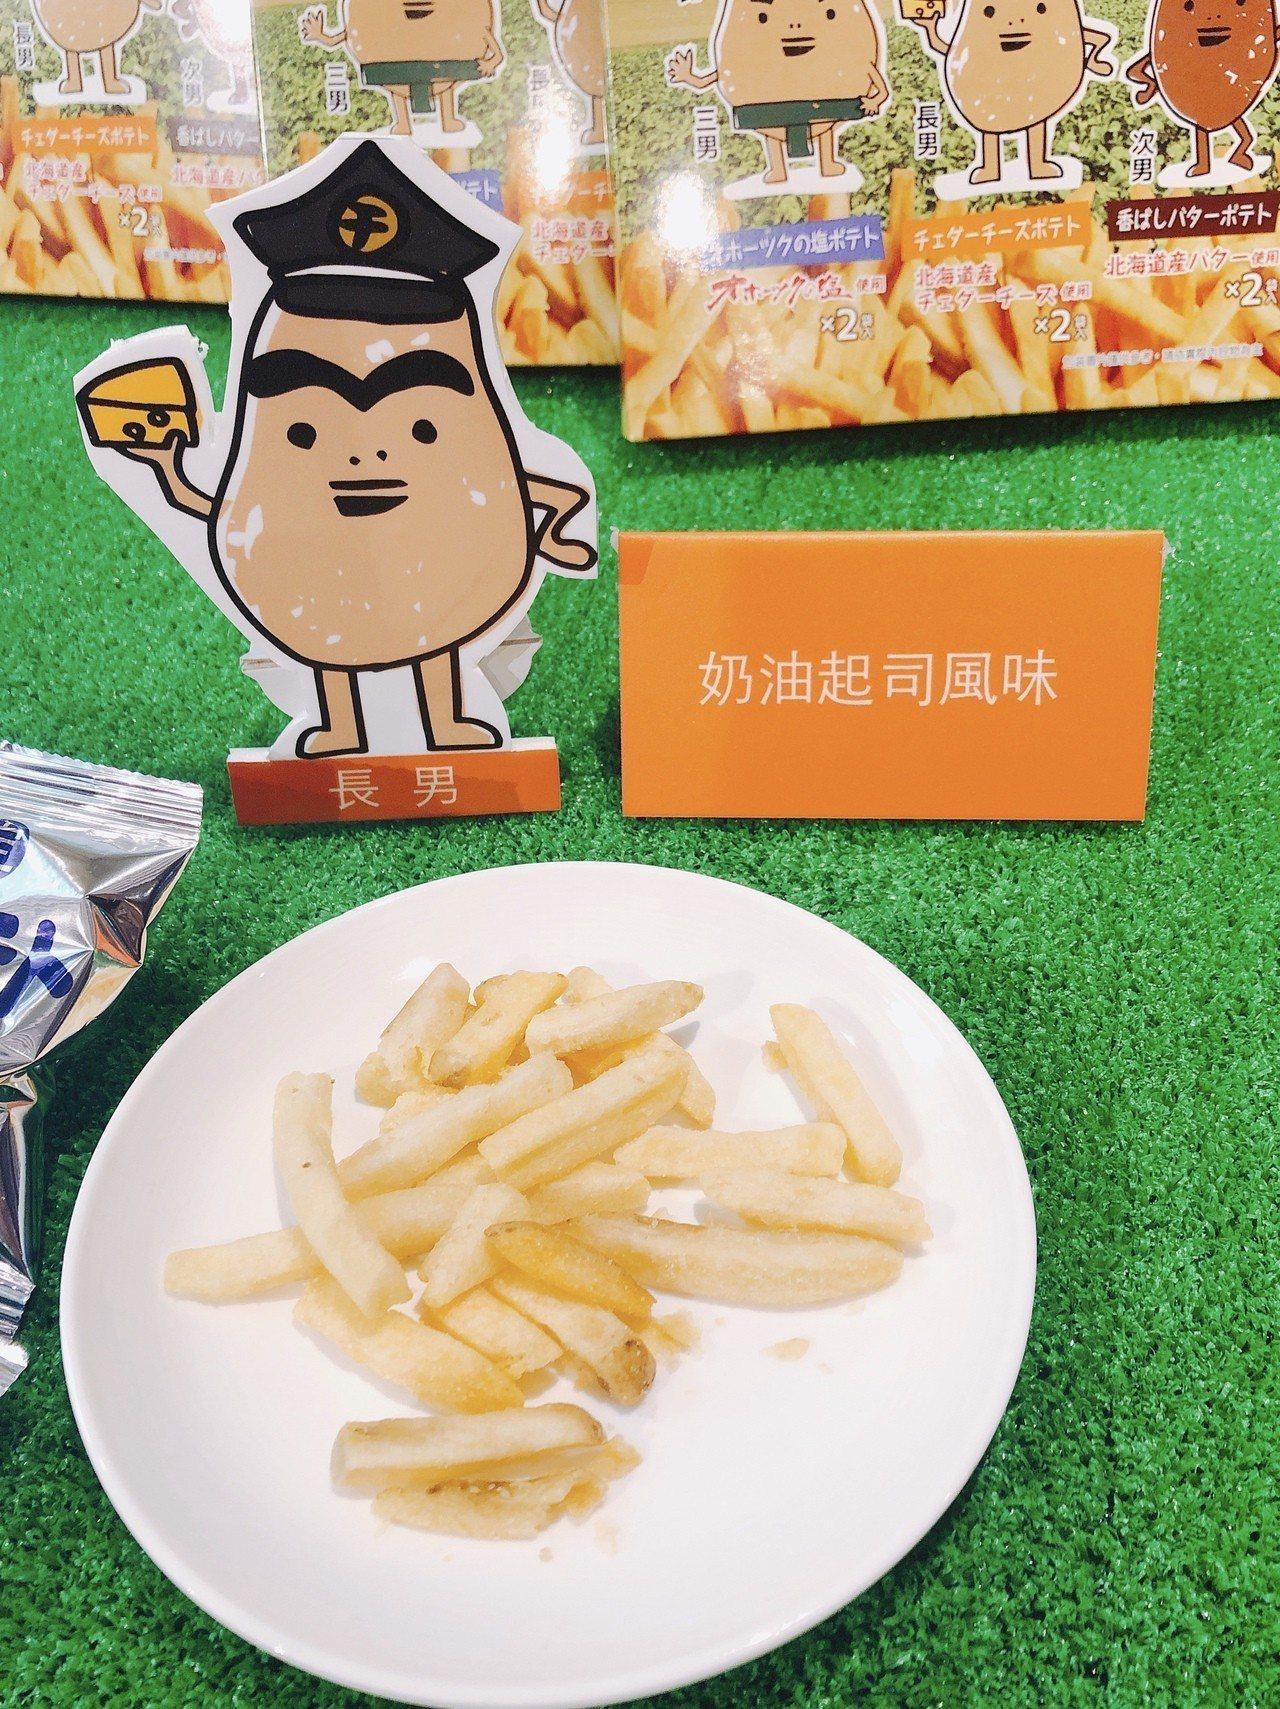 長男代表奶油起司風味。記者黃筱晴/攝影